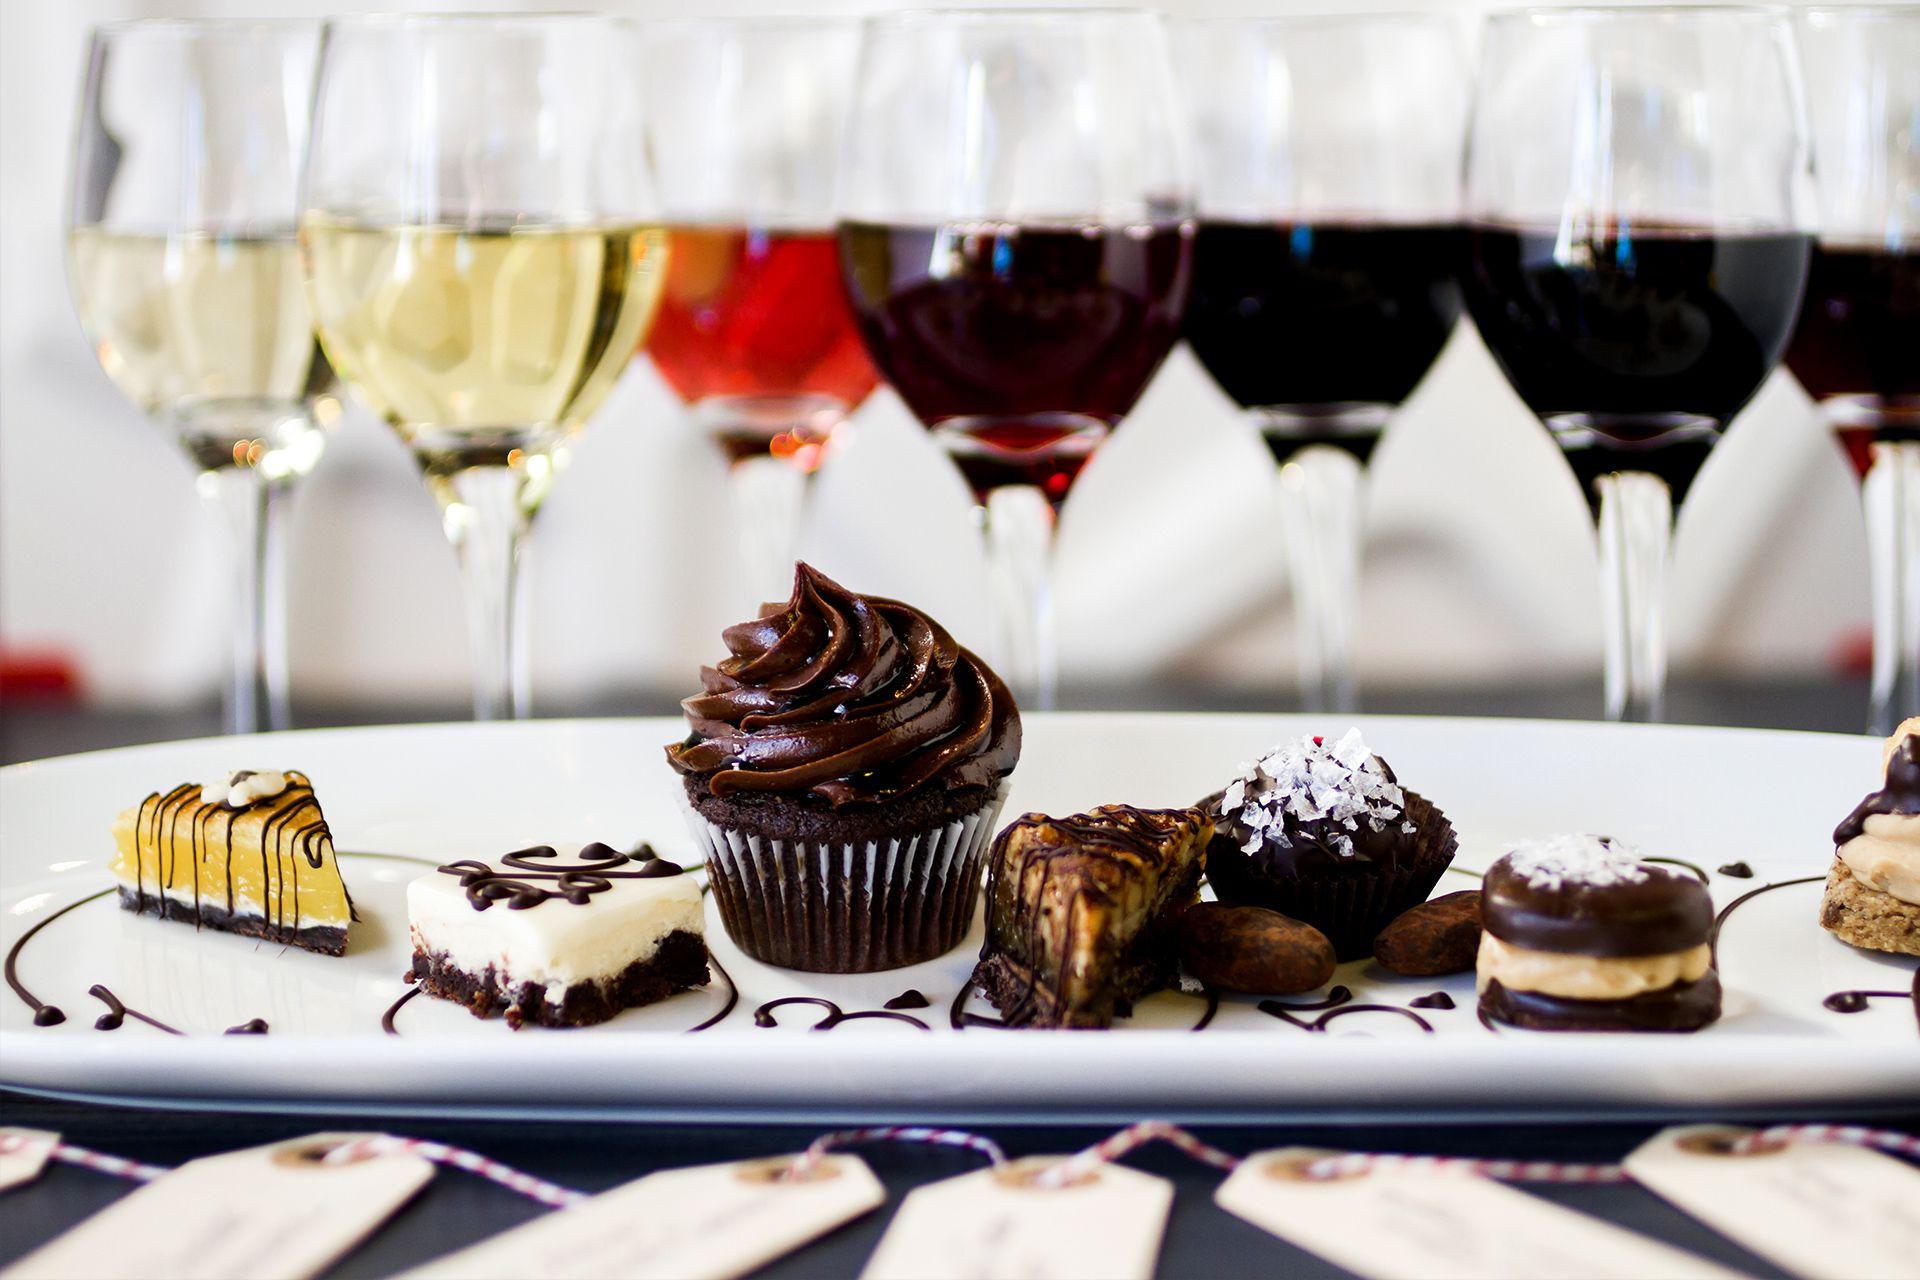 Wein & Schokolade ab 20€ » Hochgenuss schenken